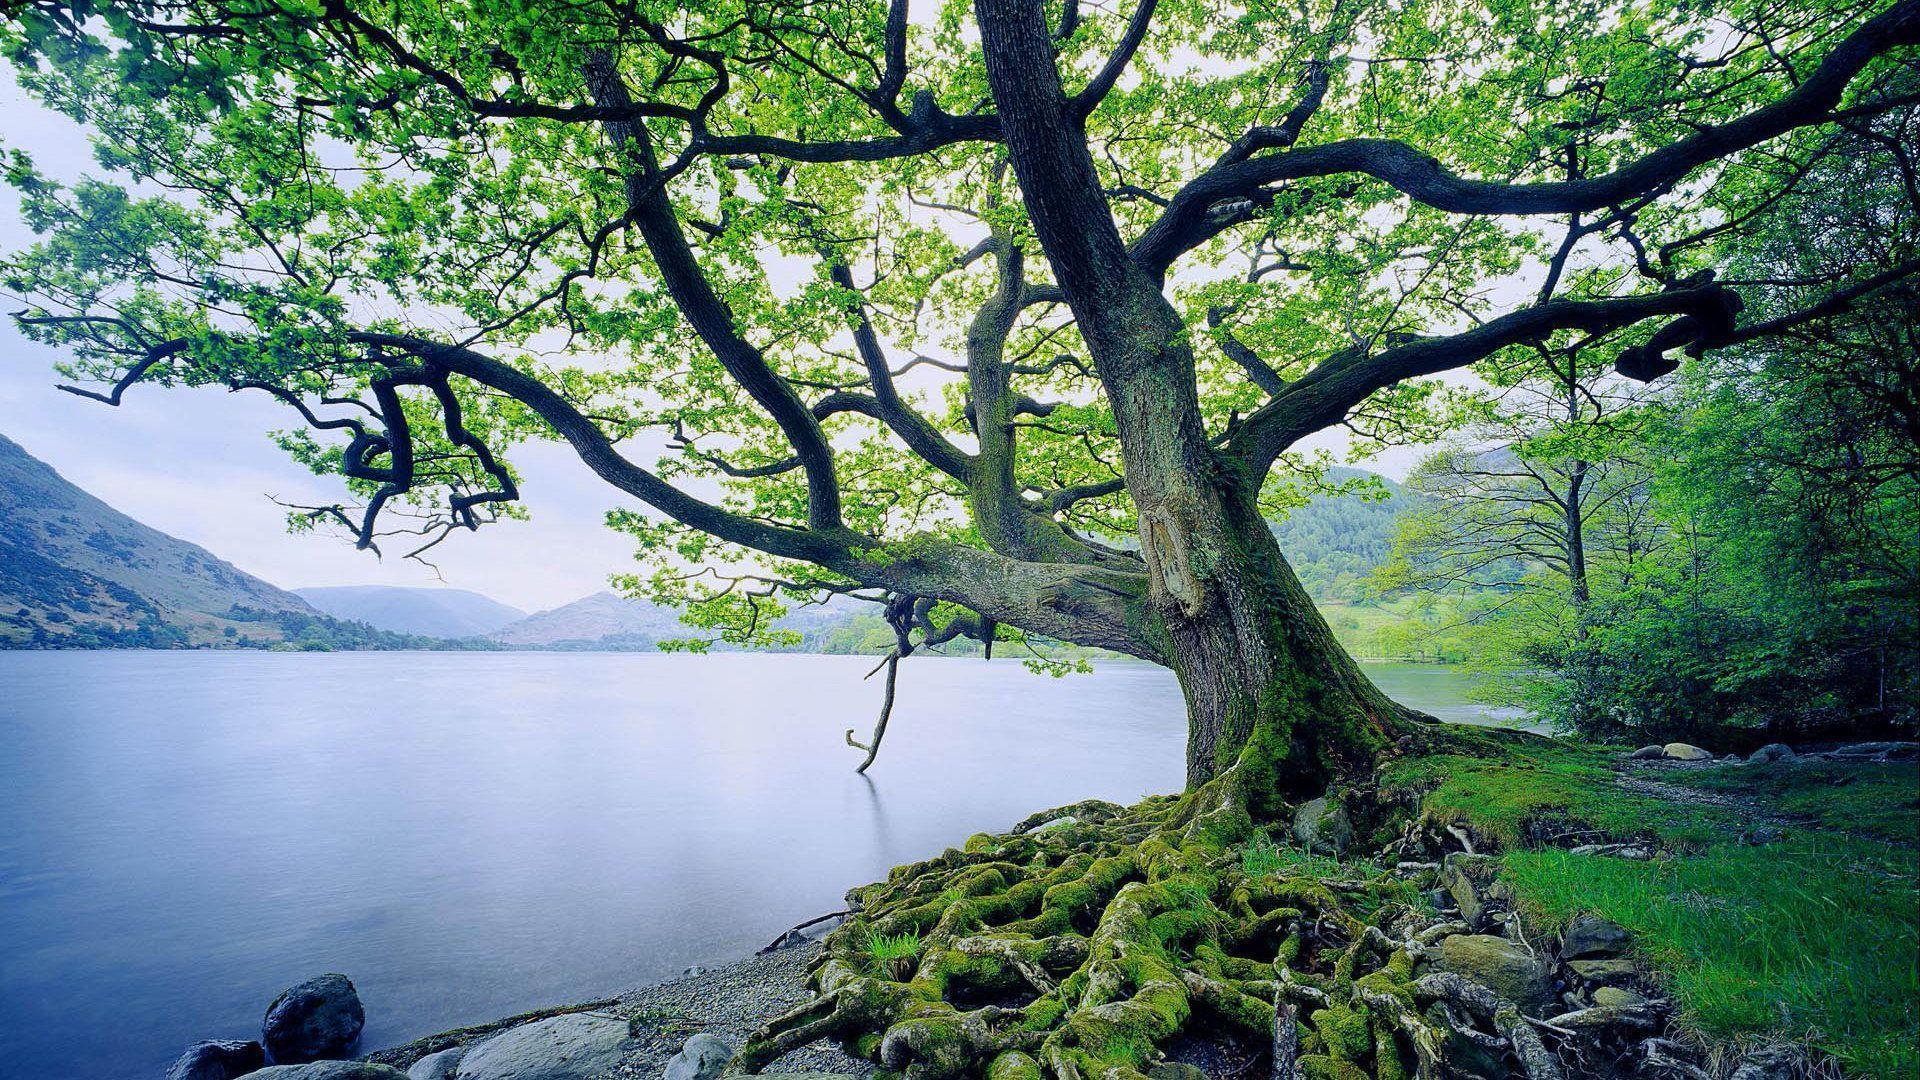 اروع صور من الطبيعة Best Nature Wallpapers DaLAuCE